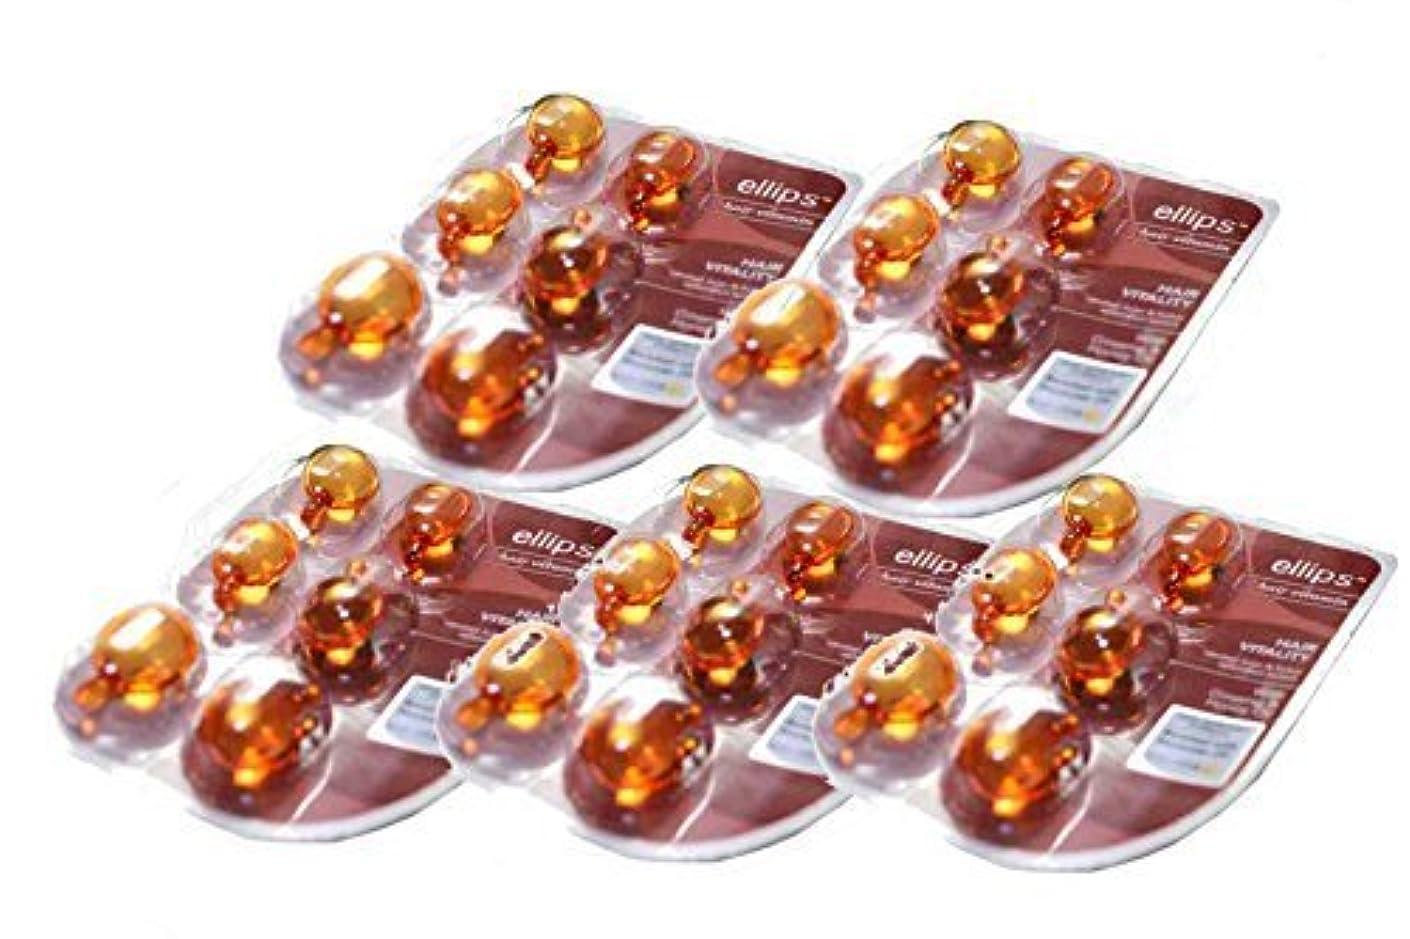 耐えるドナウ川税金お試しエリップスellipsヘアビタミン洗い流さないヘアトリートメントオレンジ5枚セット(海外直送品)(並行輸入品) (【オレンジ】高麗人参配合)